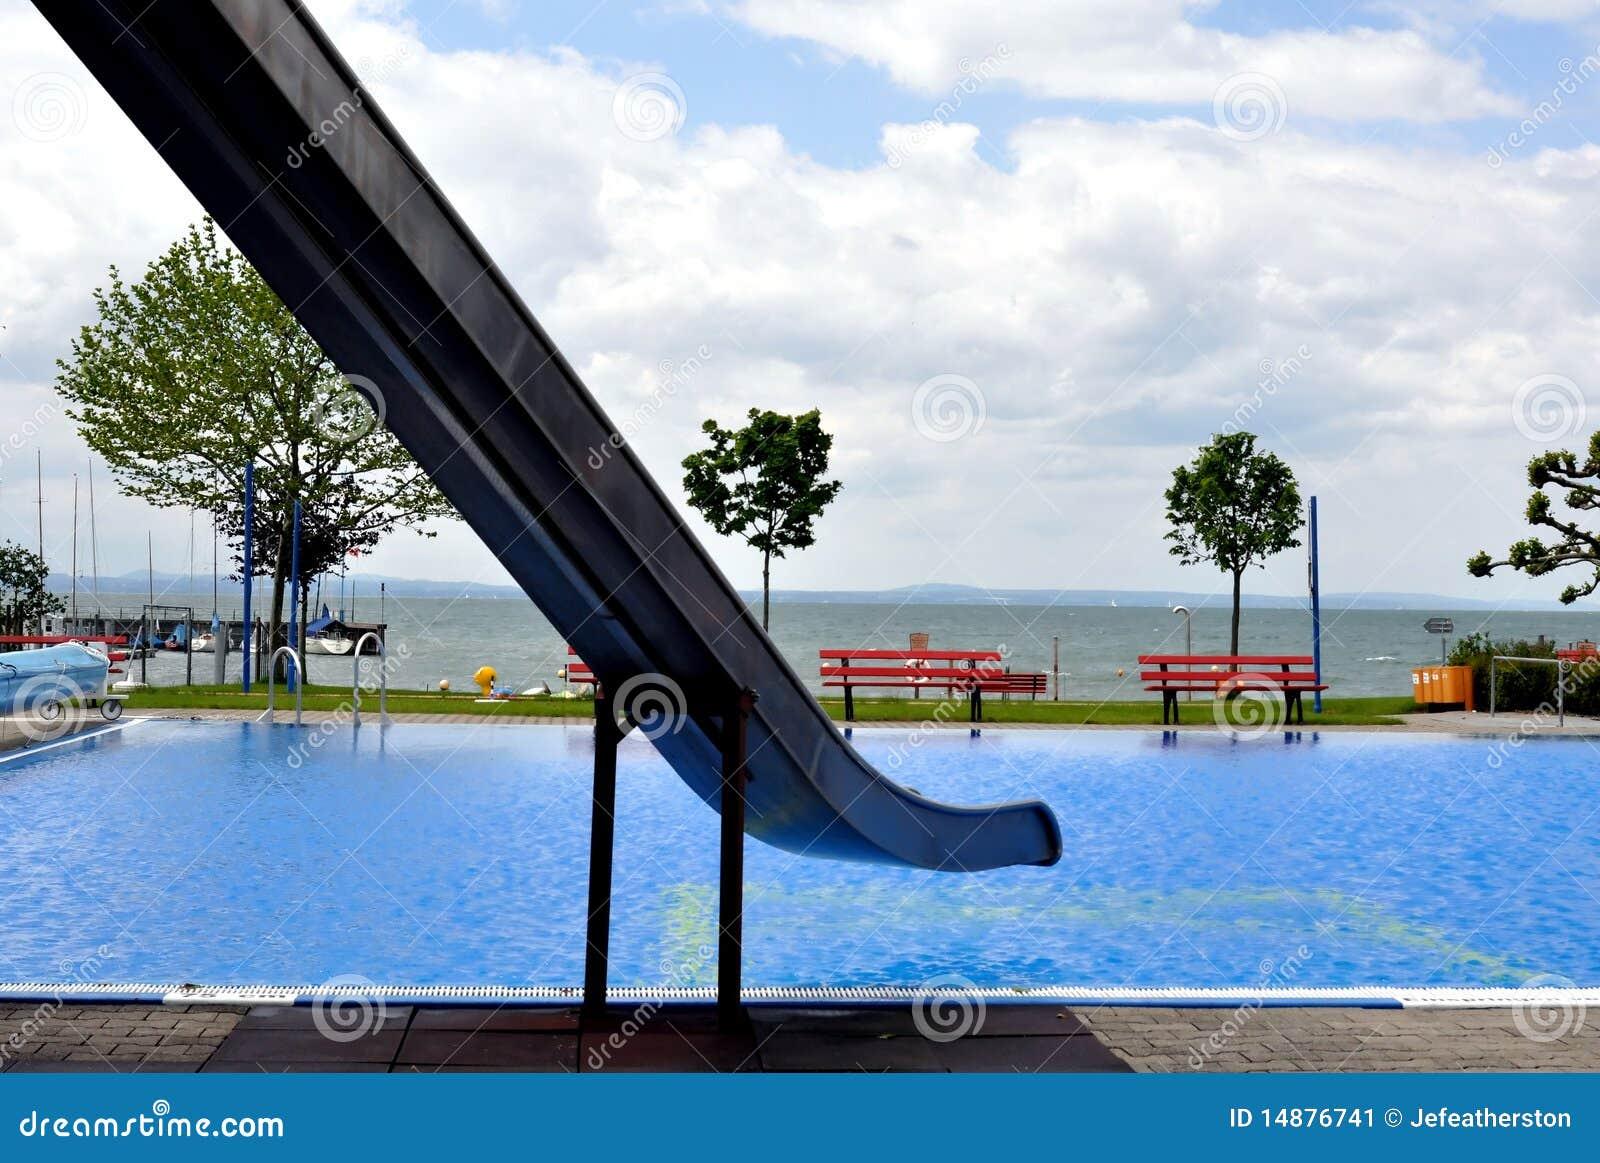 Swimming Pool By Lake Stock Image Image 14876741